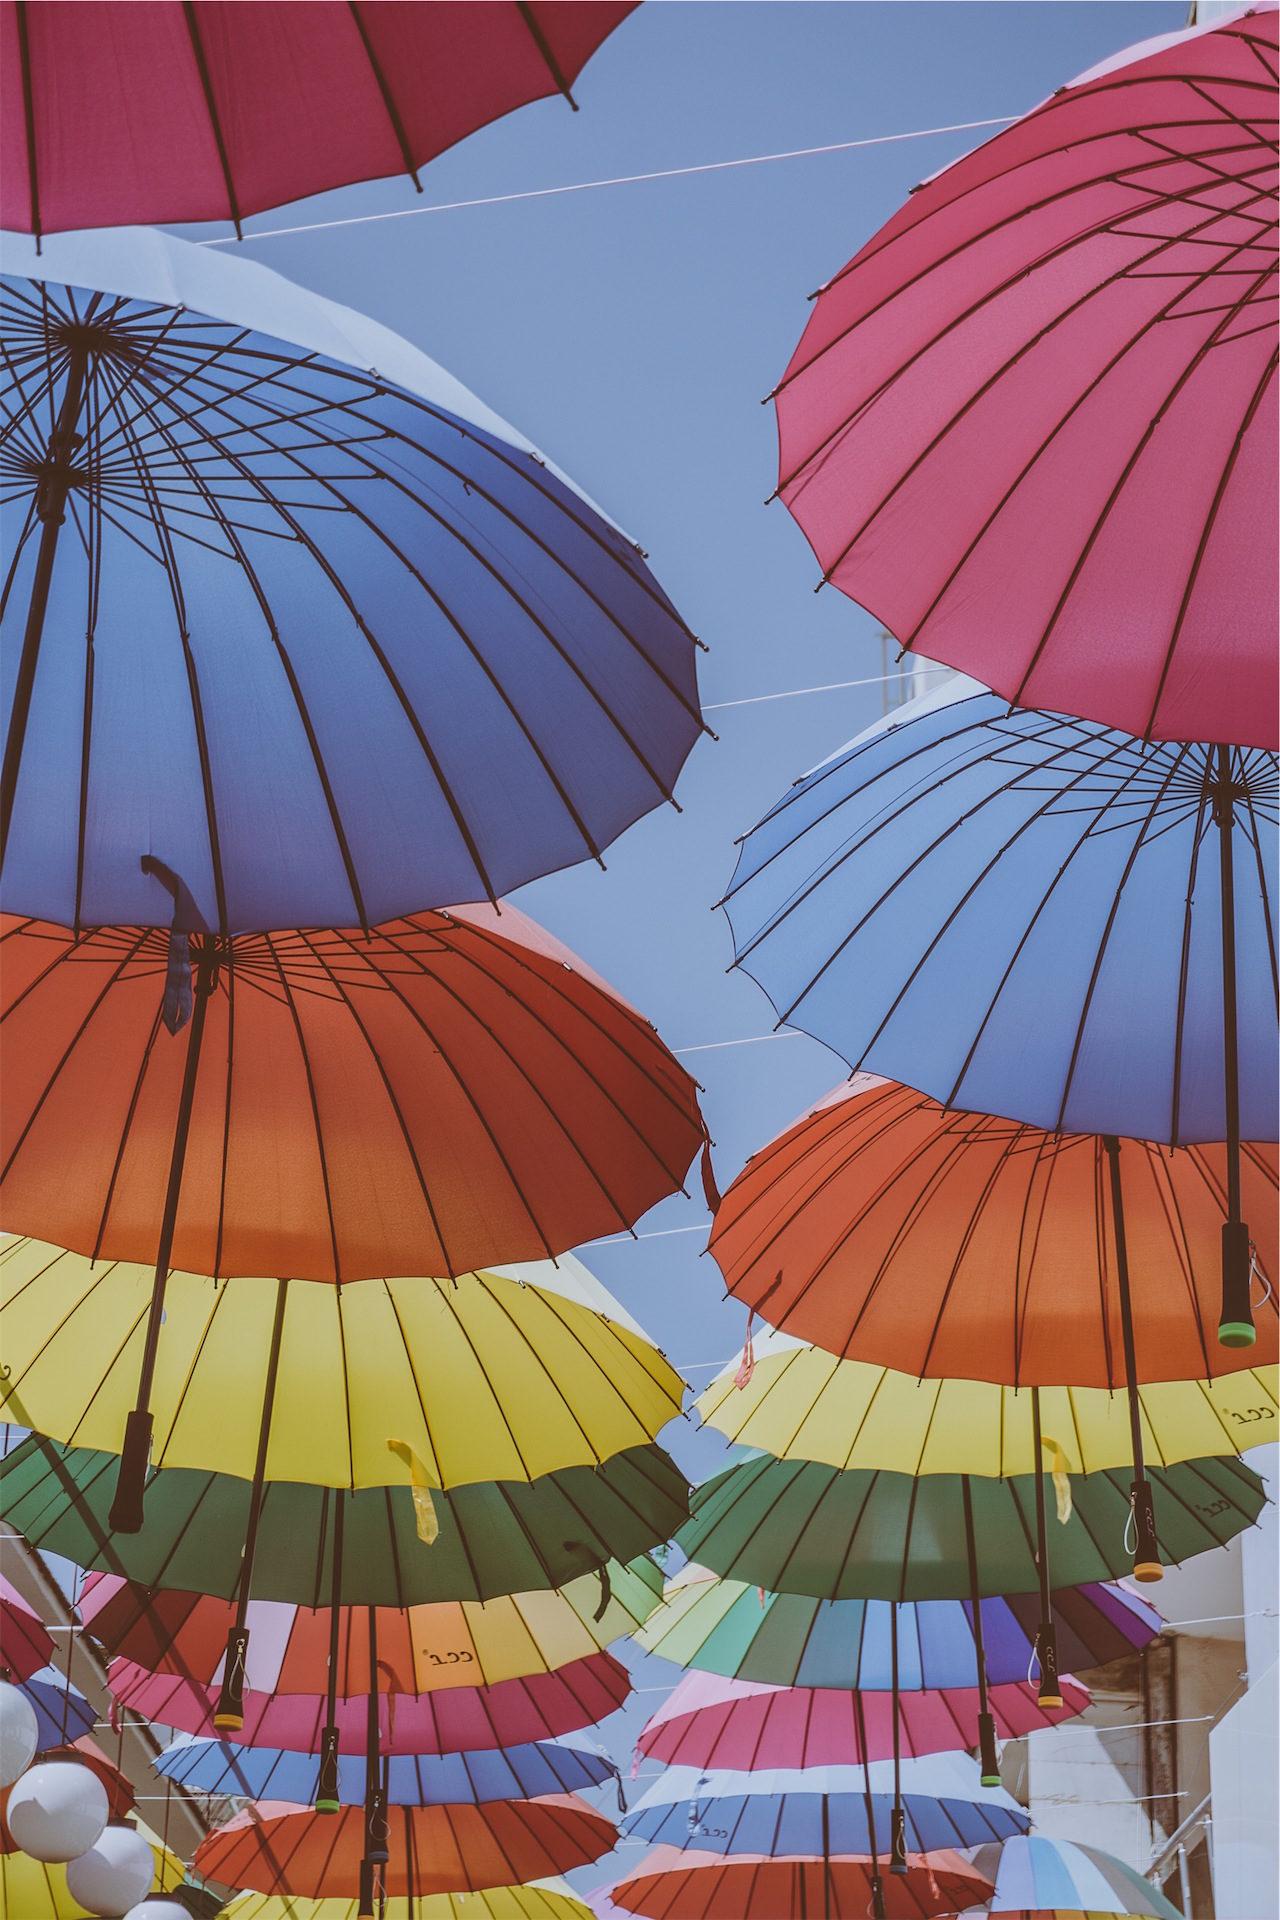 guarda-chuva, colorido, voando, Pendurado, ornamentos - Papéis de parede HD - Professor-falken.com